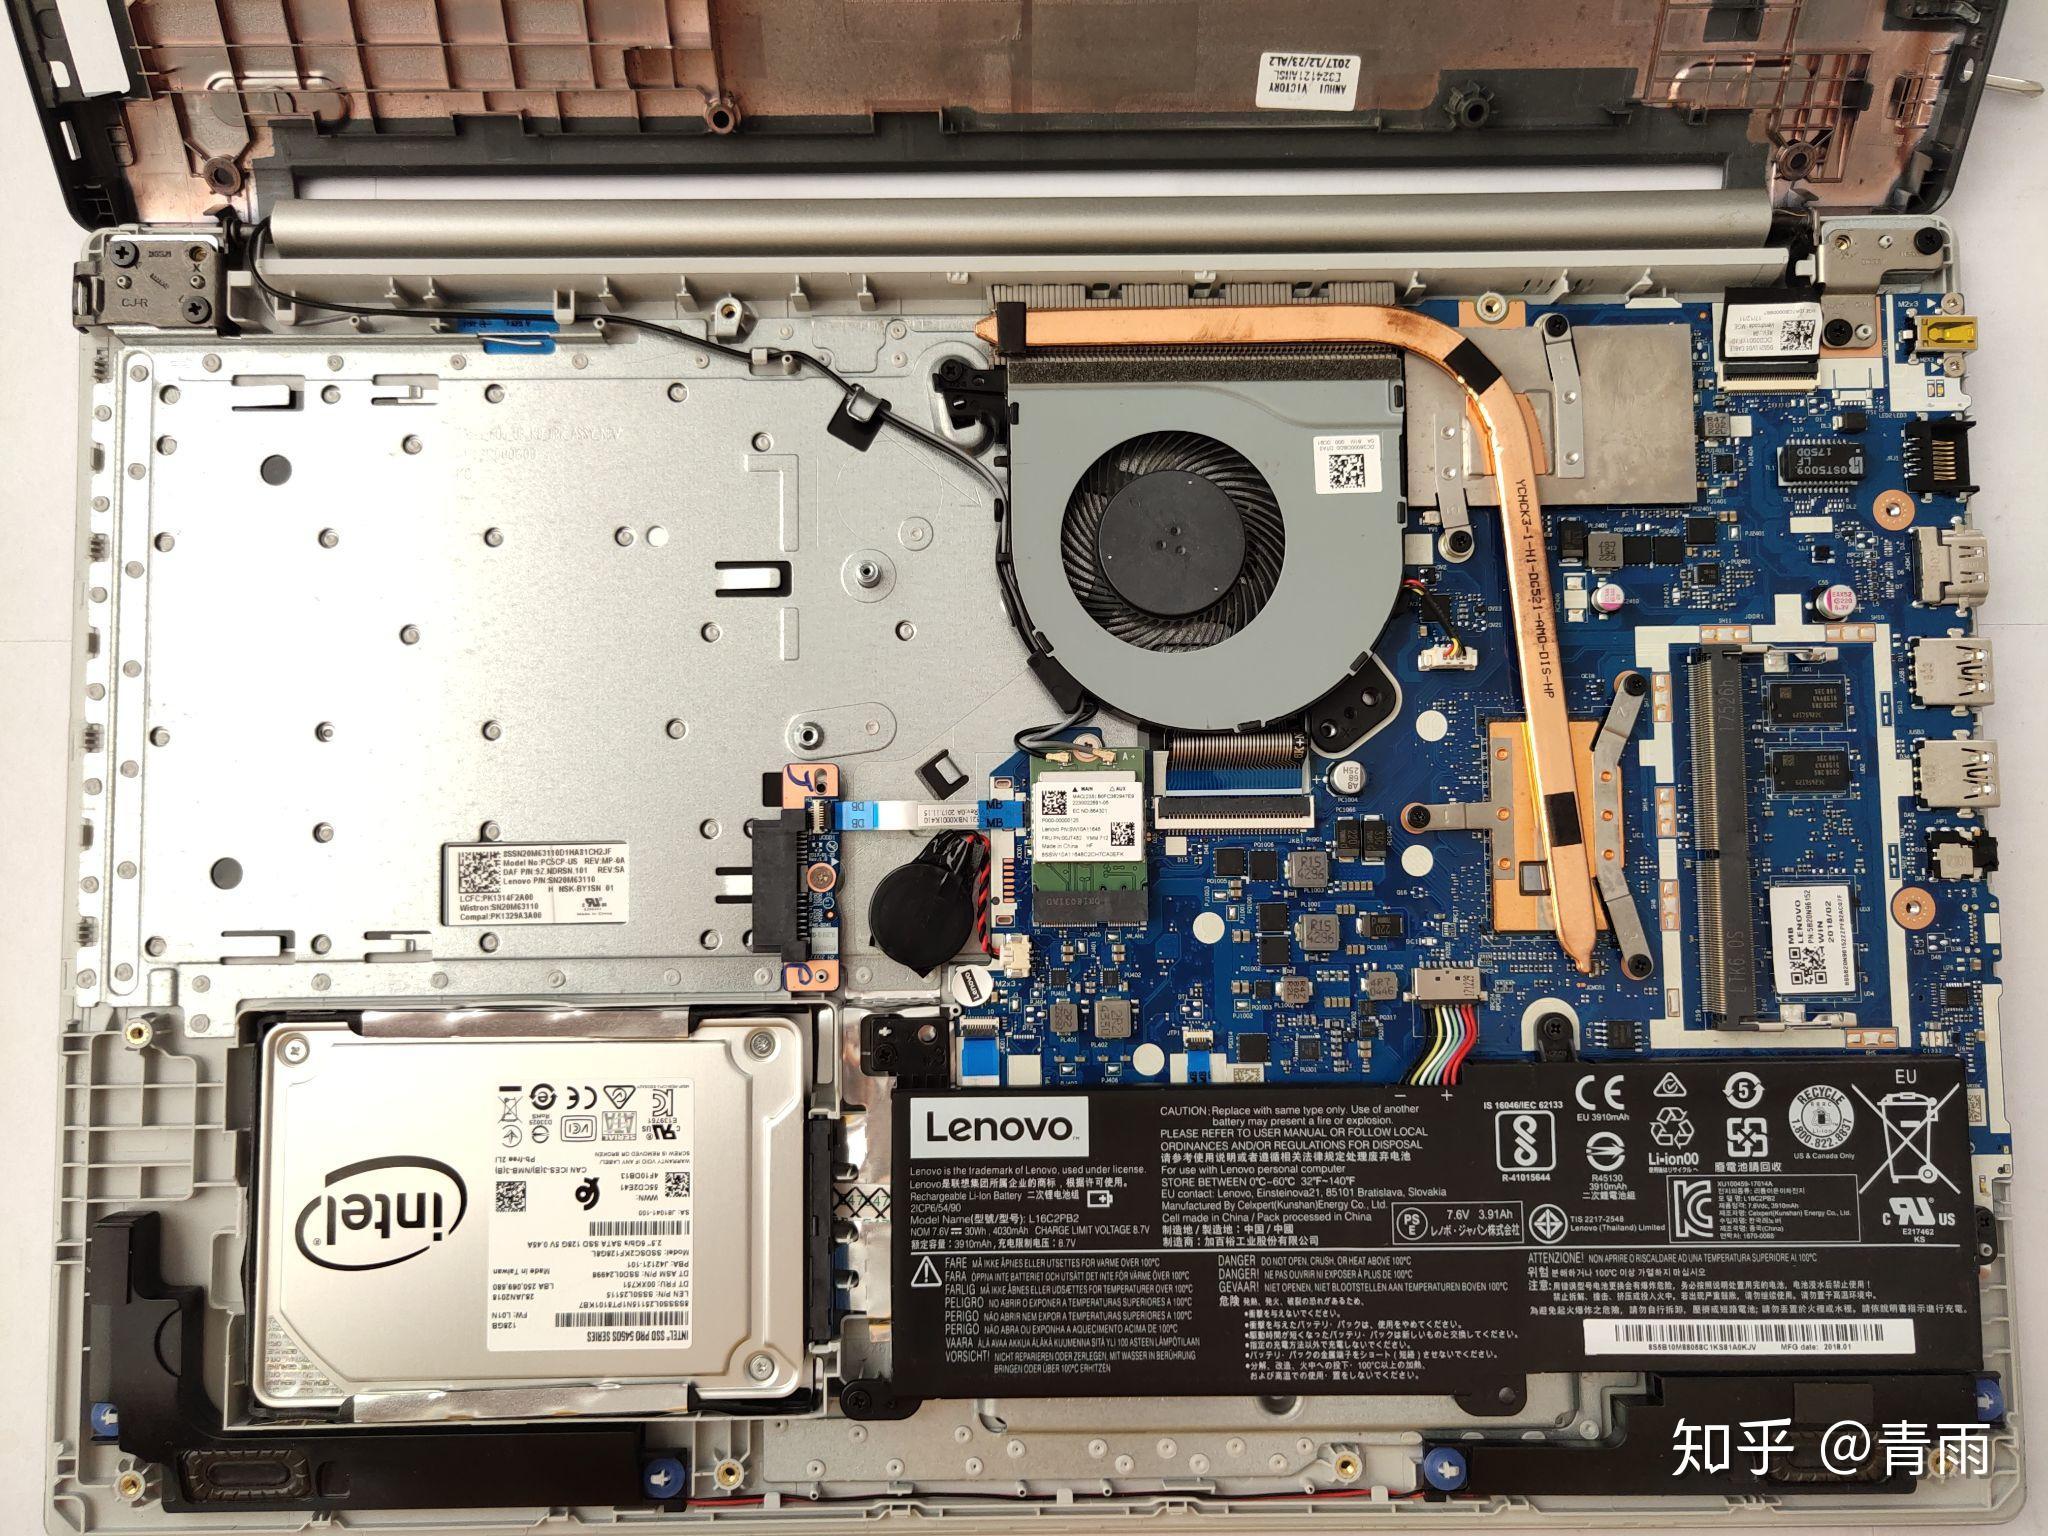 笔记本电脑加内存卡_联想小新潮5000拆机加内存教程 - 知乎